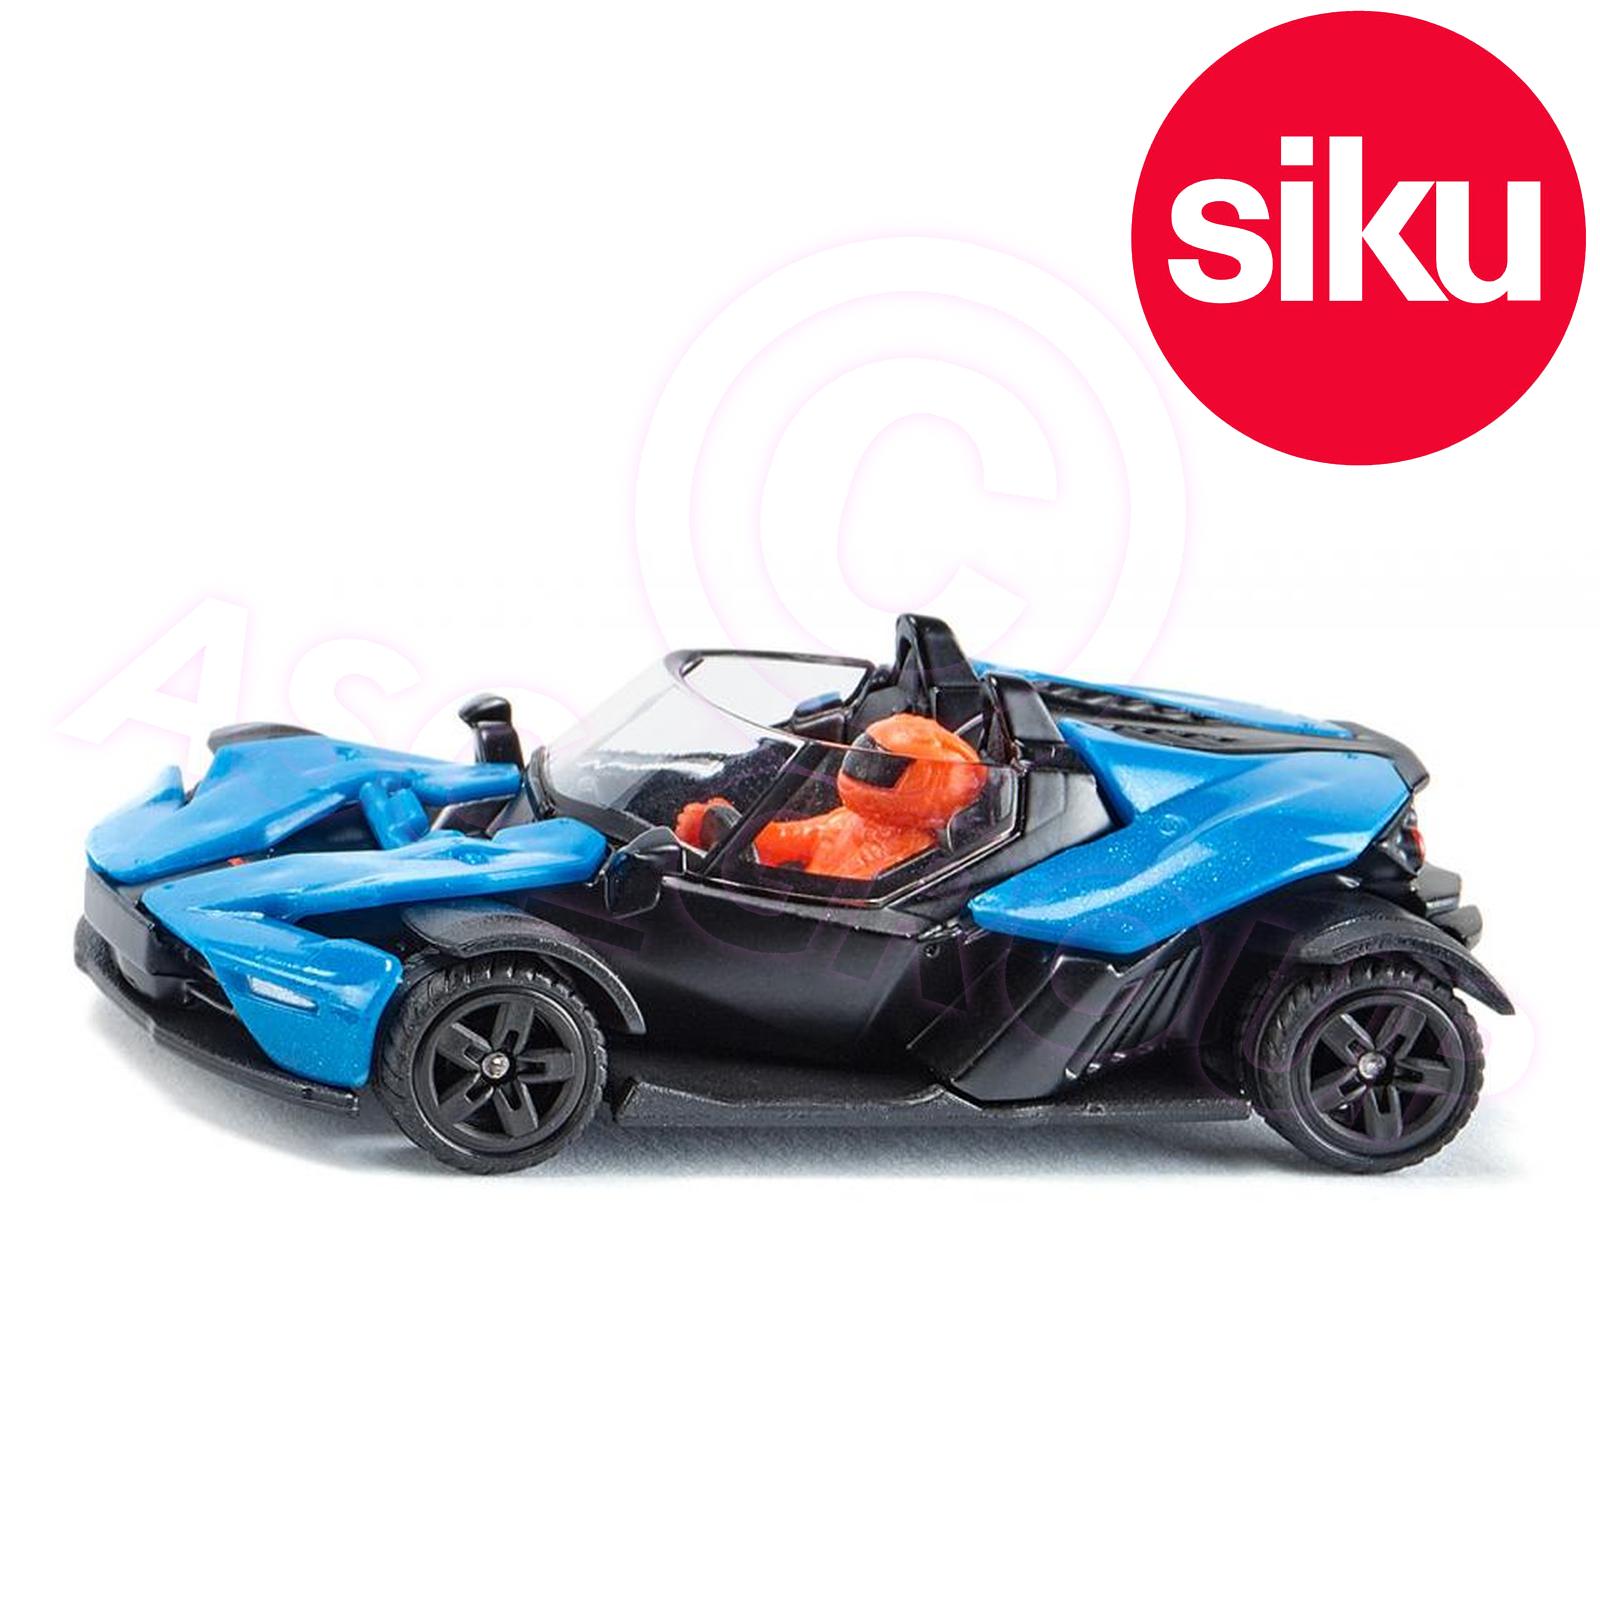 Siku 1436 KTM X-Bow GT XBow Track / Sports Car